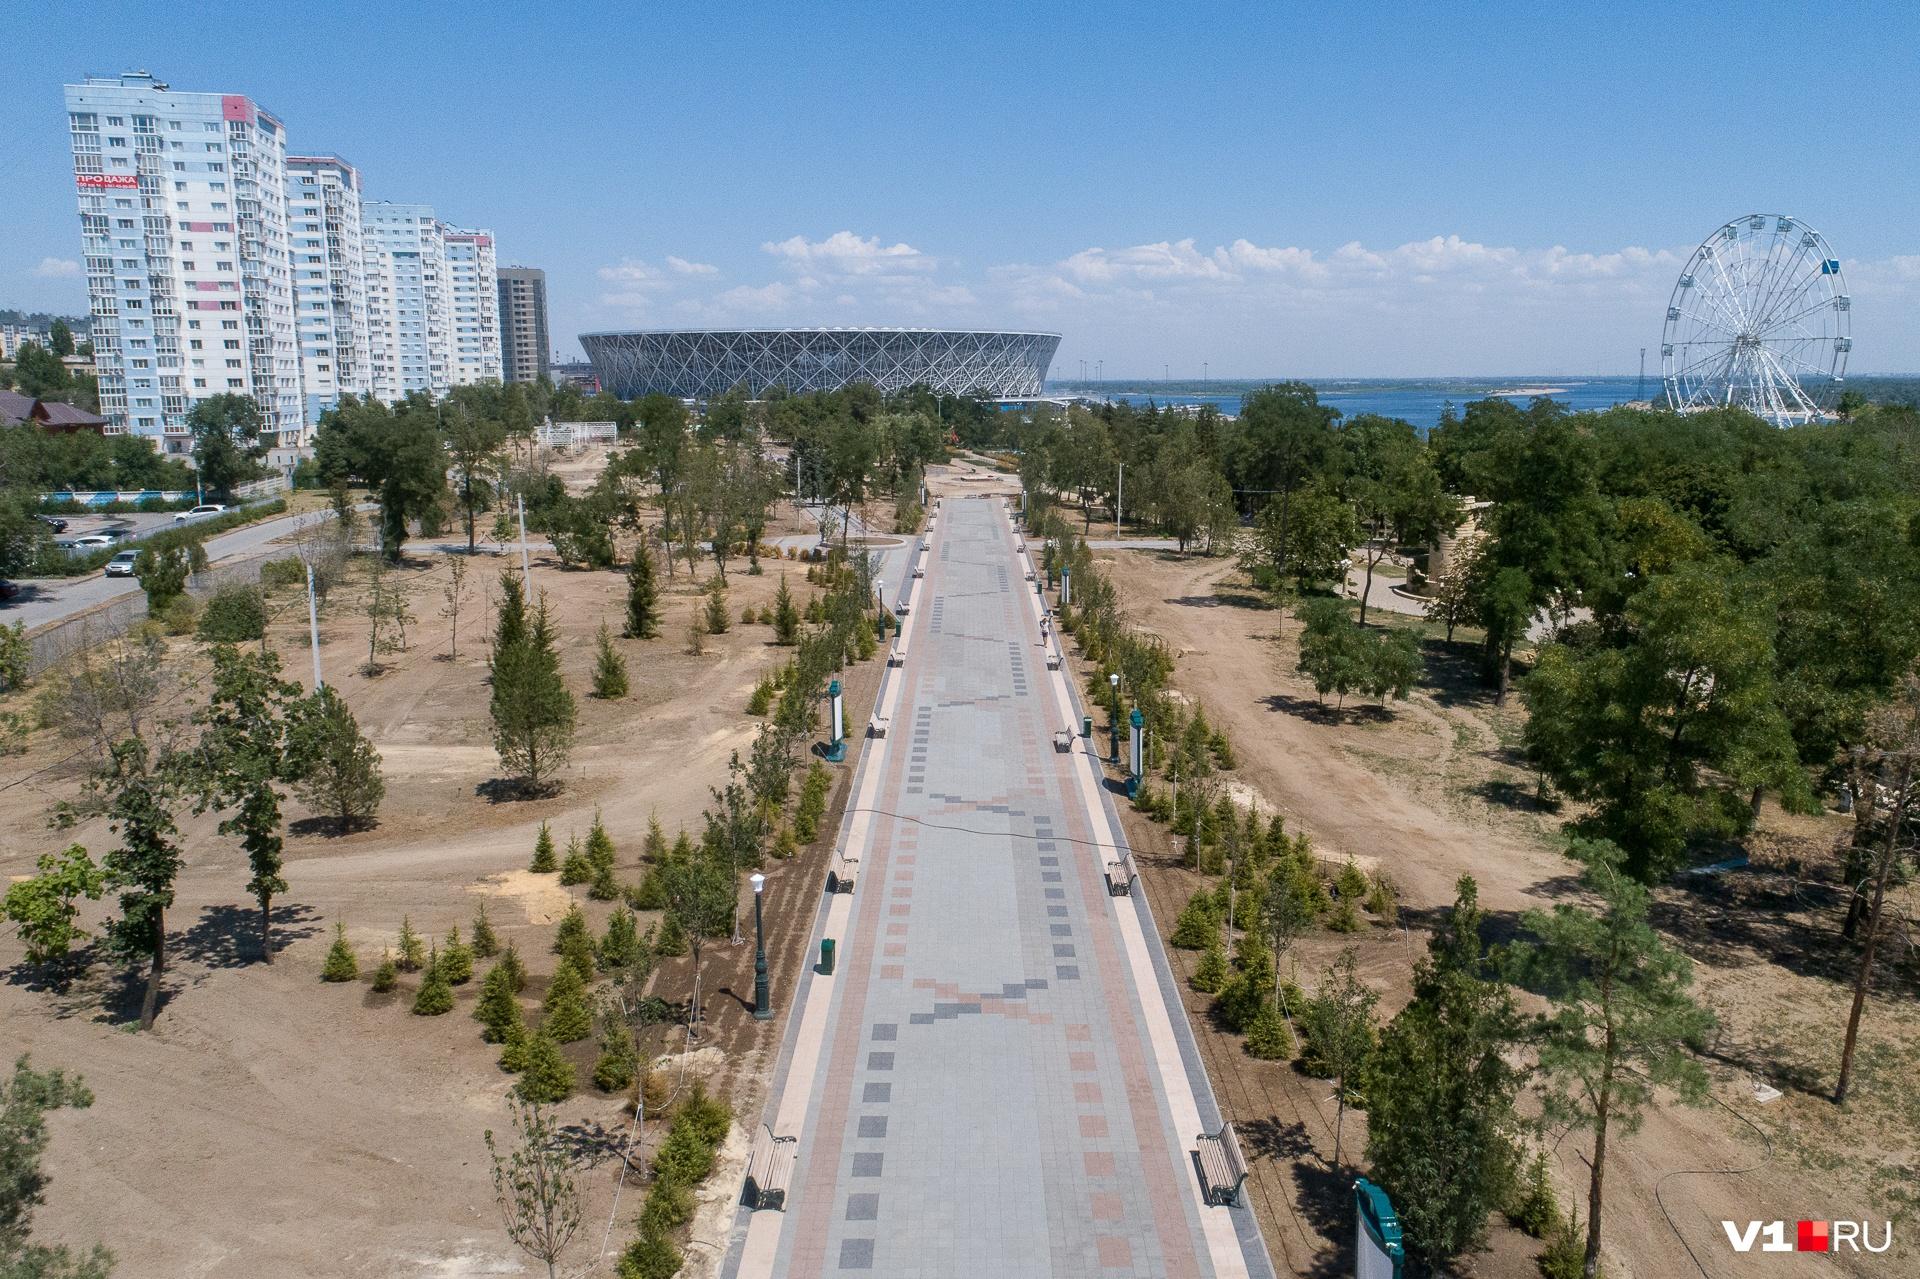 Первым делом в парке вырубили большинство многолетних деревьев и кустов